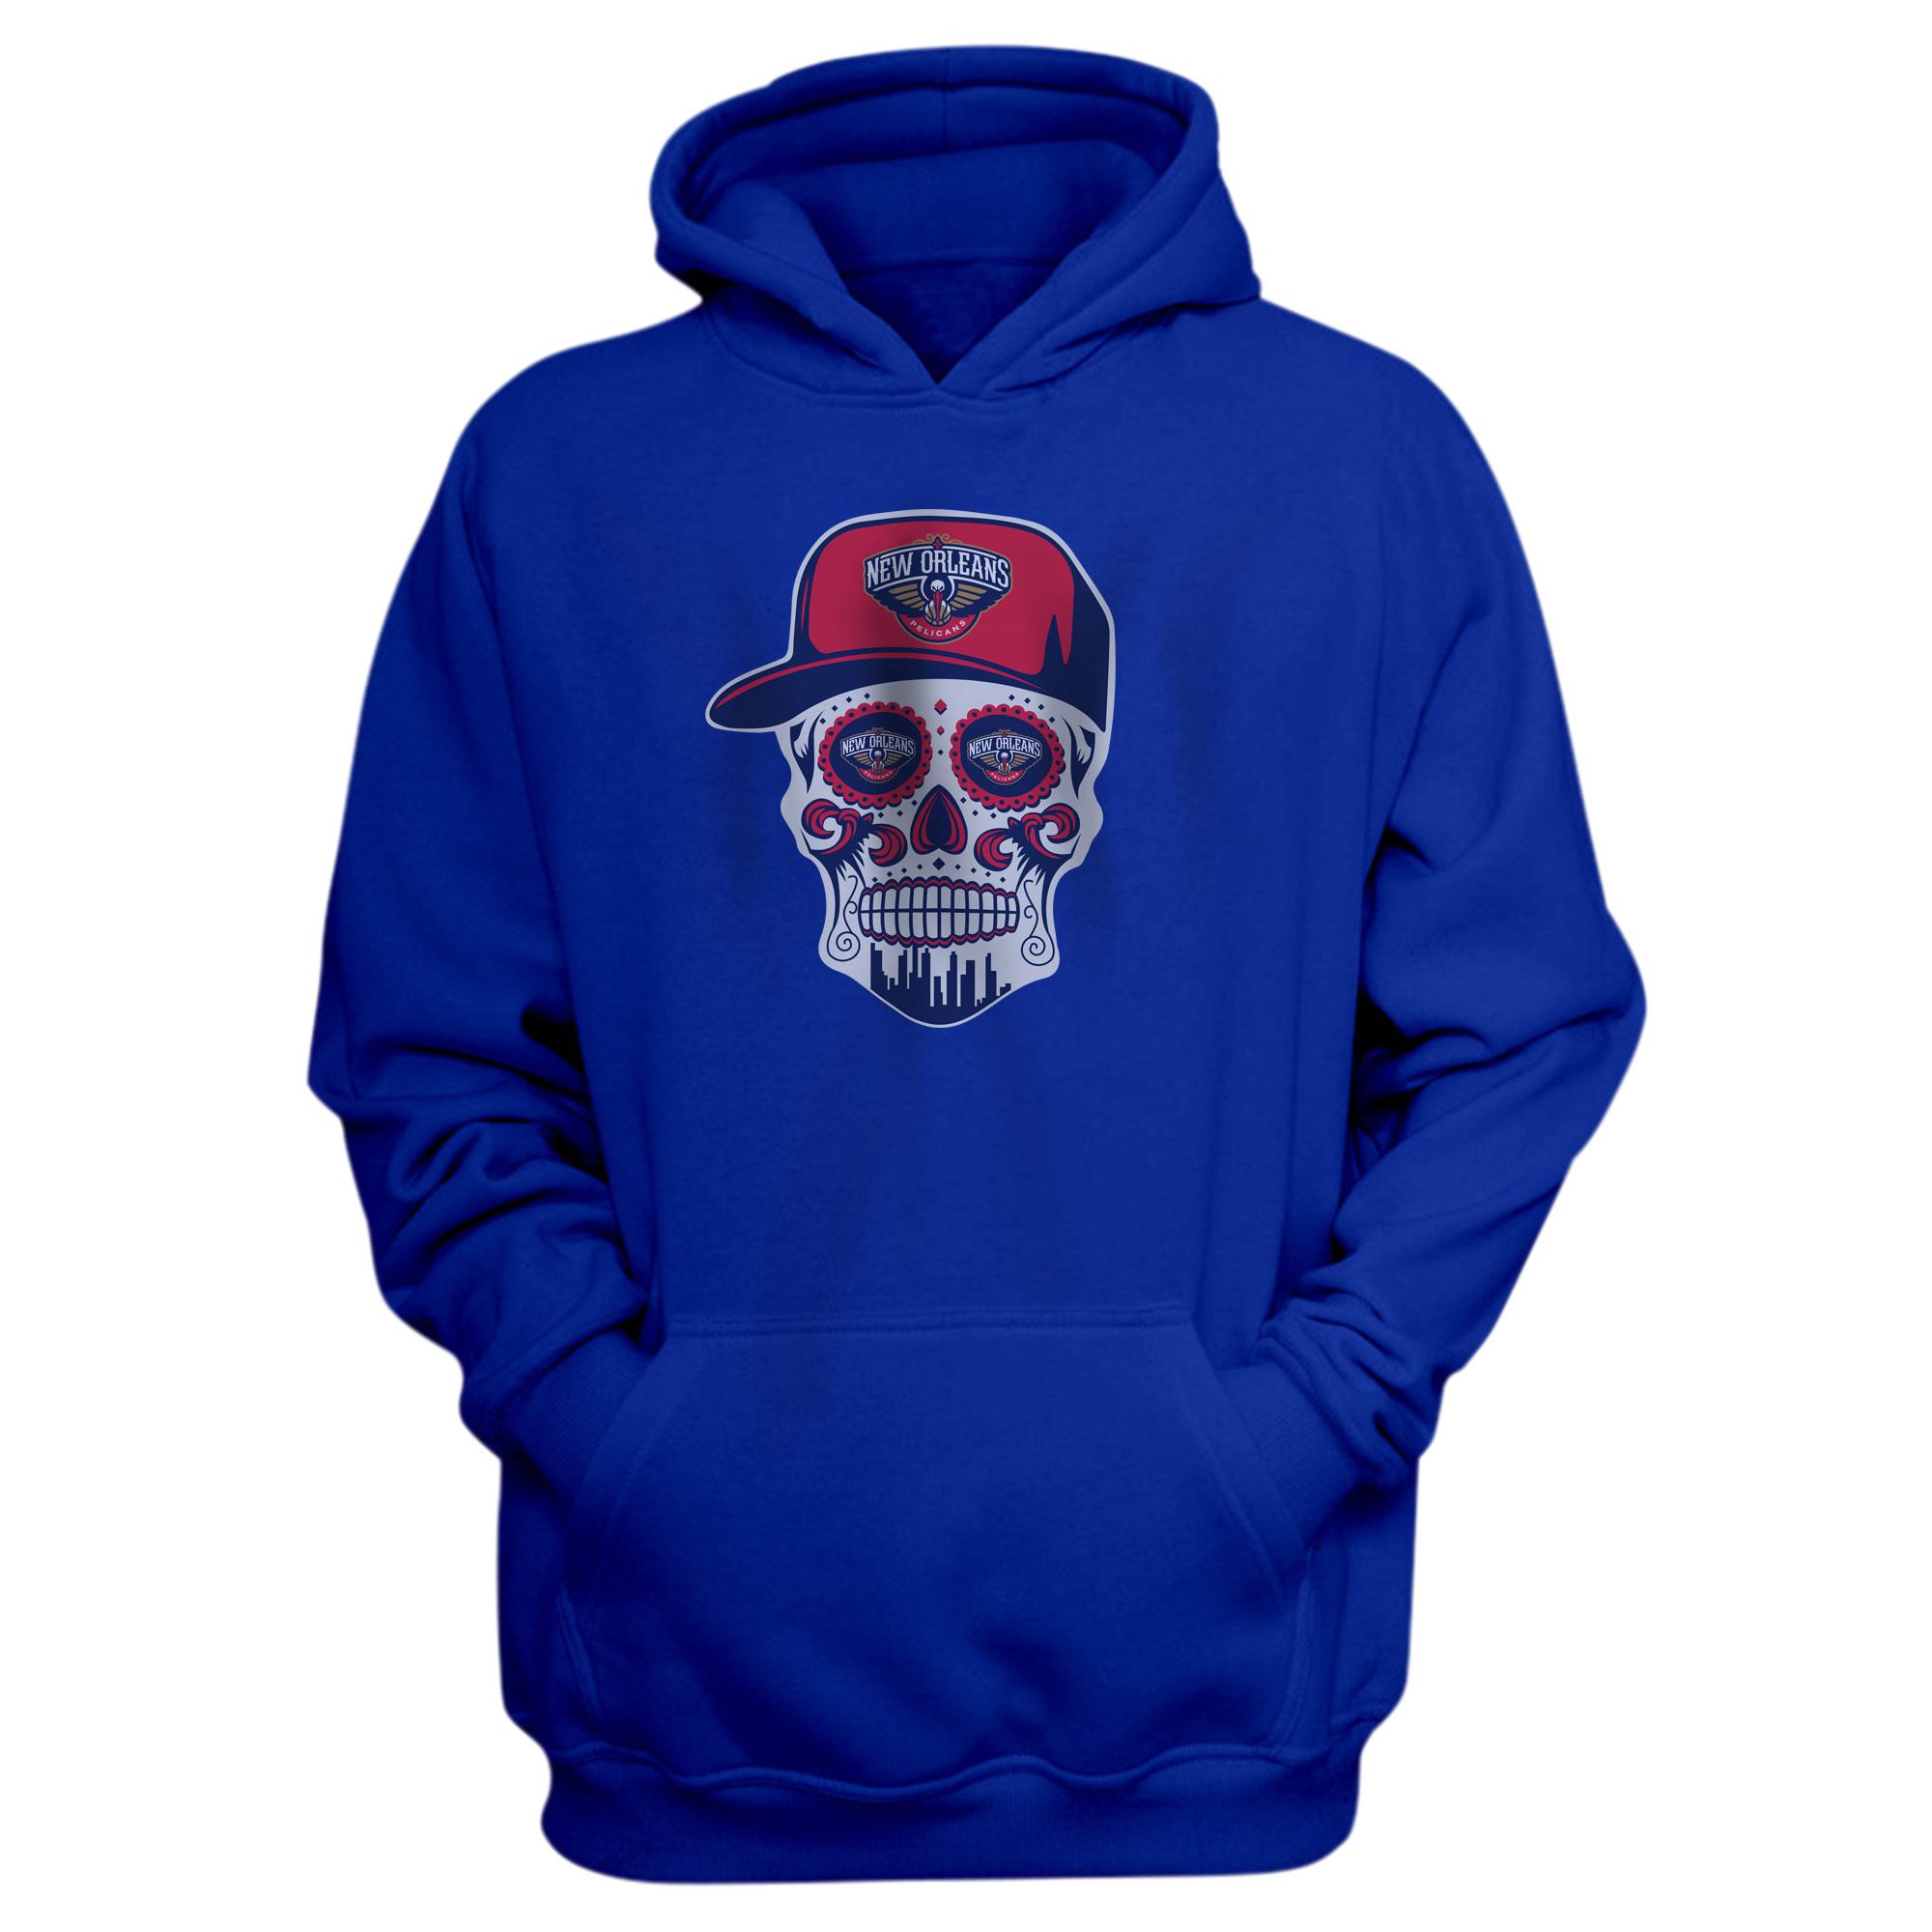 Pelicans Skull Hoodie (HD-BLU-NP-460-NBA-NOLA-SKULL)